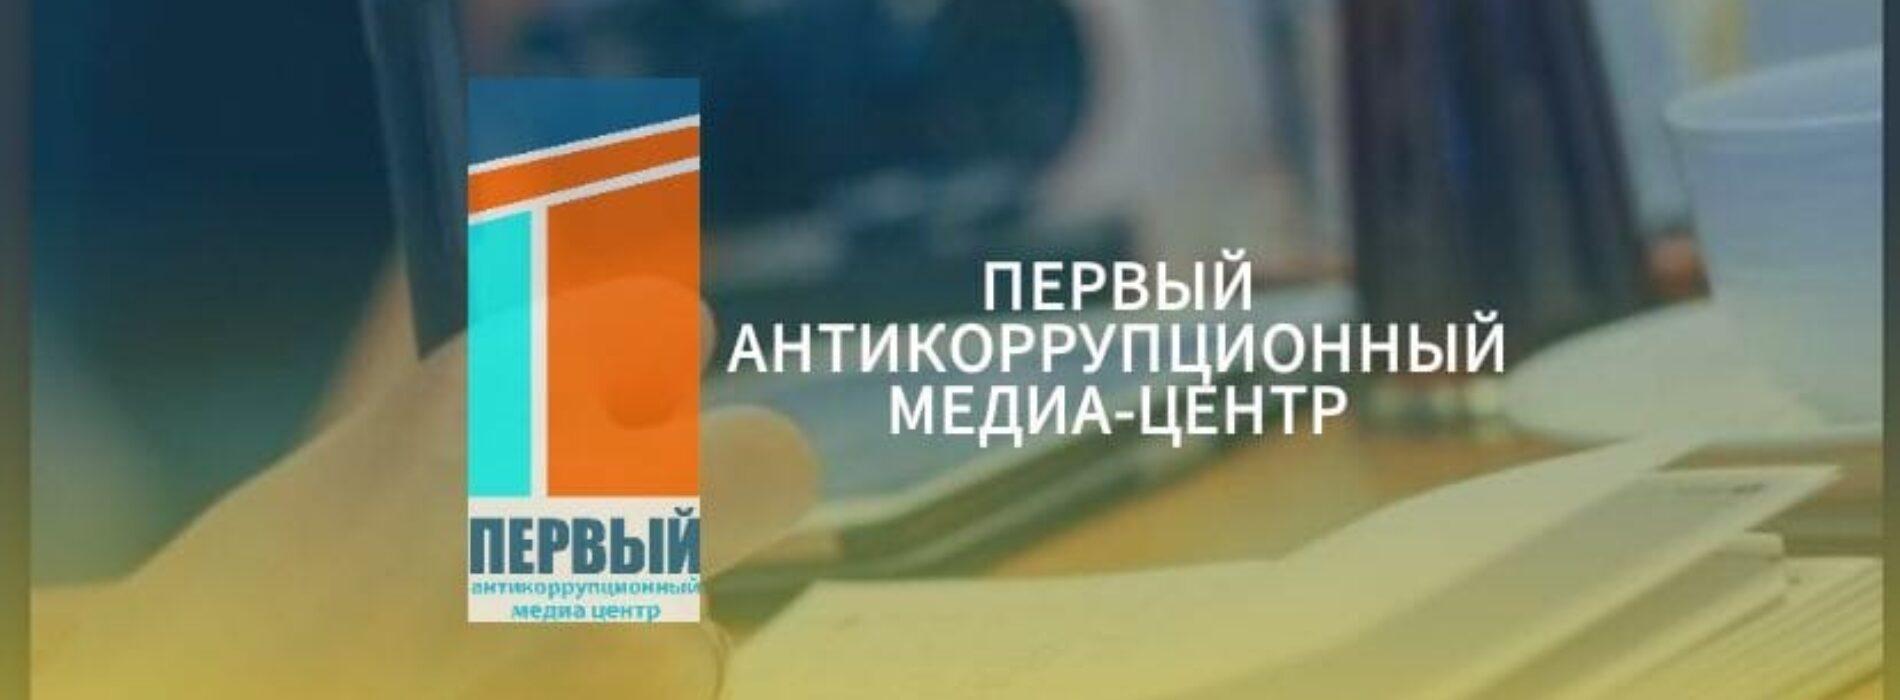 Назначен глава филиала РОО «Антикоррупционный медиа-центр» по Атырауской области